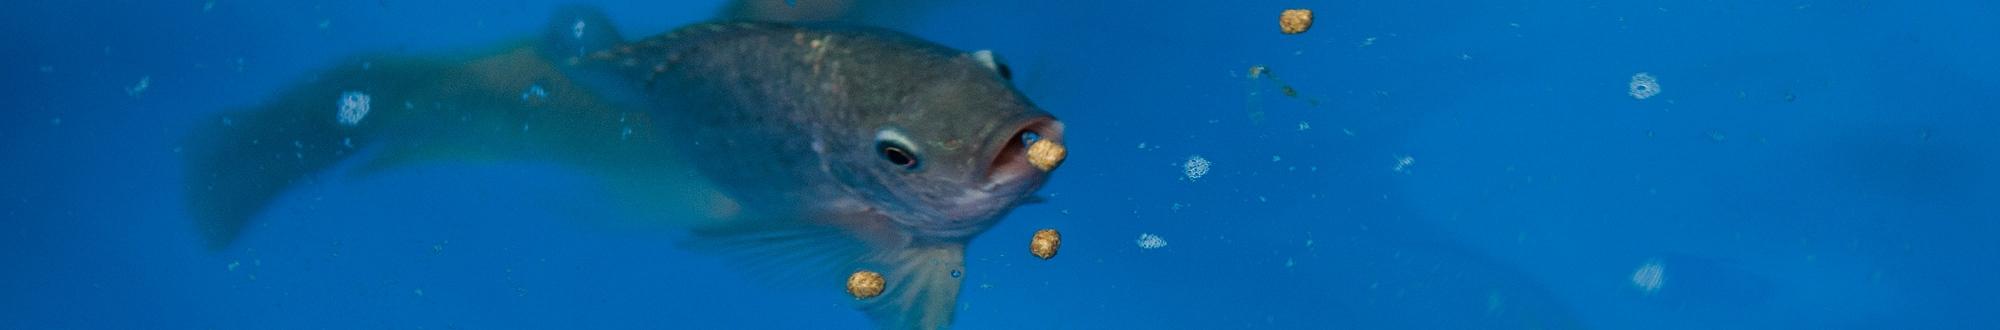 Aquarium Feed